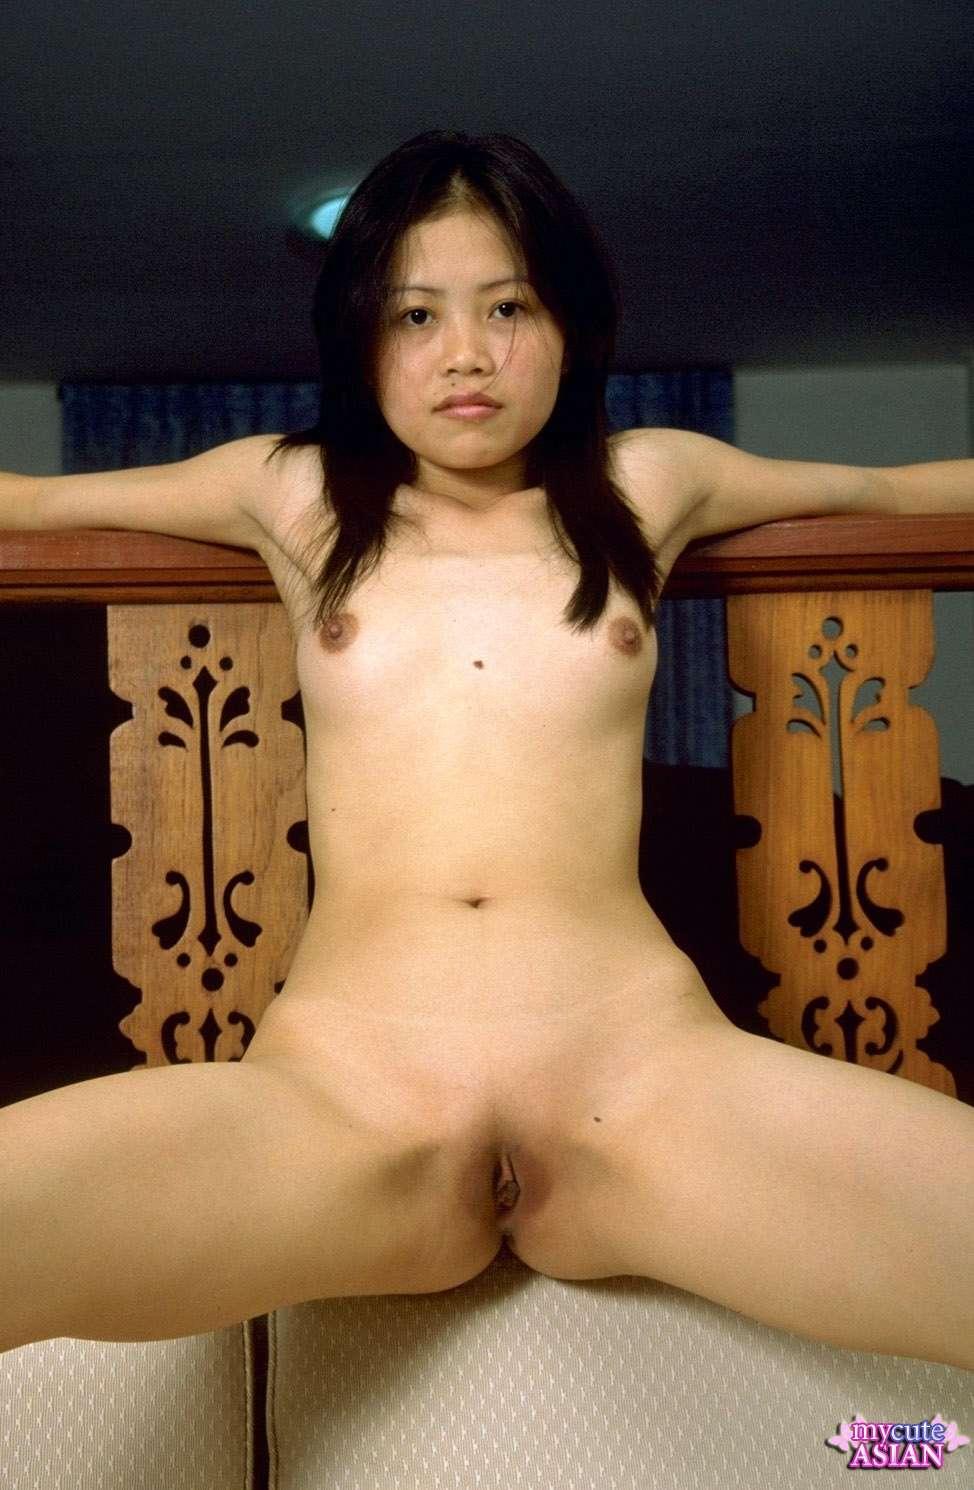 Amature asian girl porn